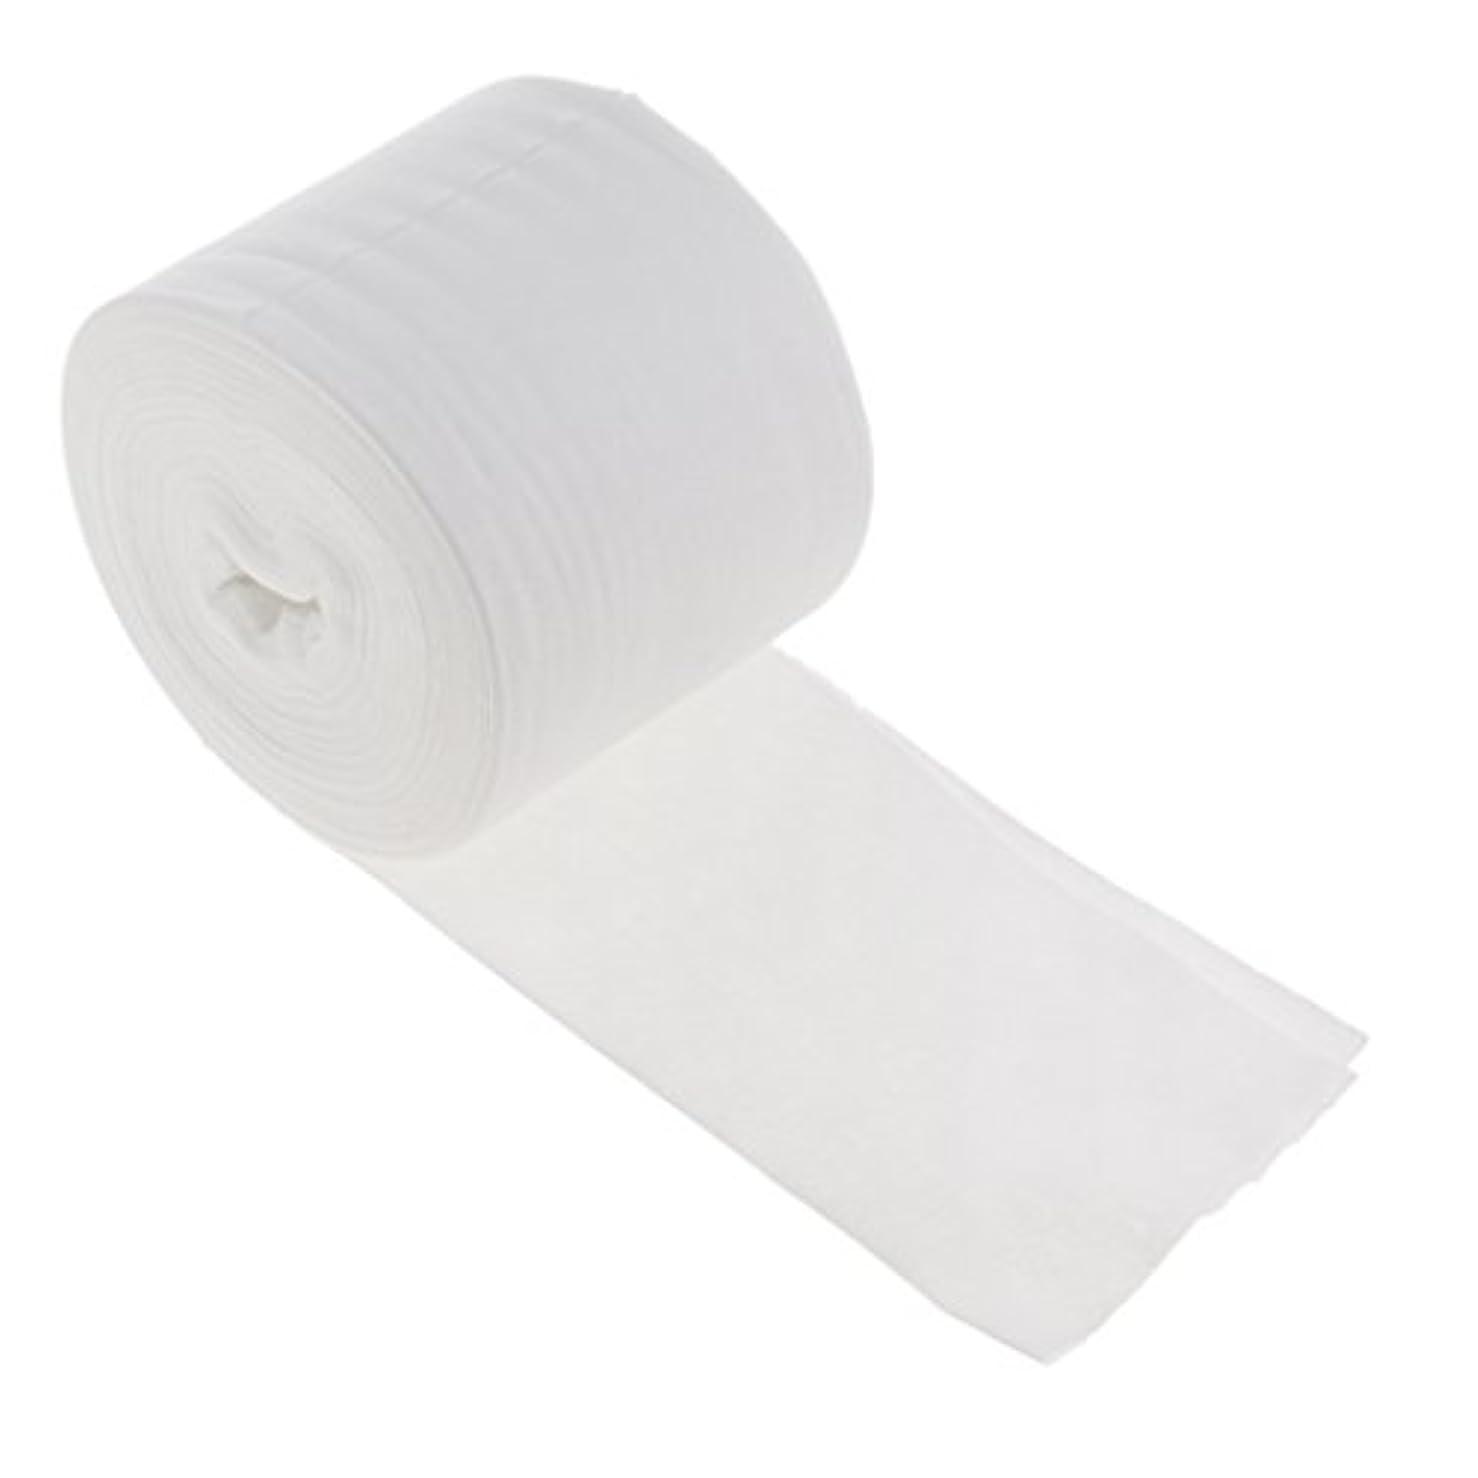 信頼深く自我洗顔 フェイシャルタオル 顔タオル 使い捨て クリーニング 柔らかい 不織布 衛生的な